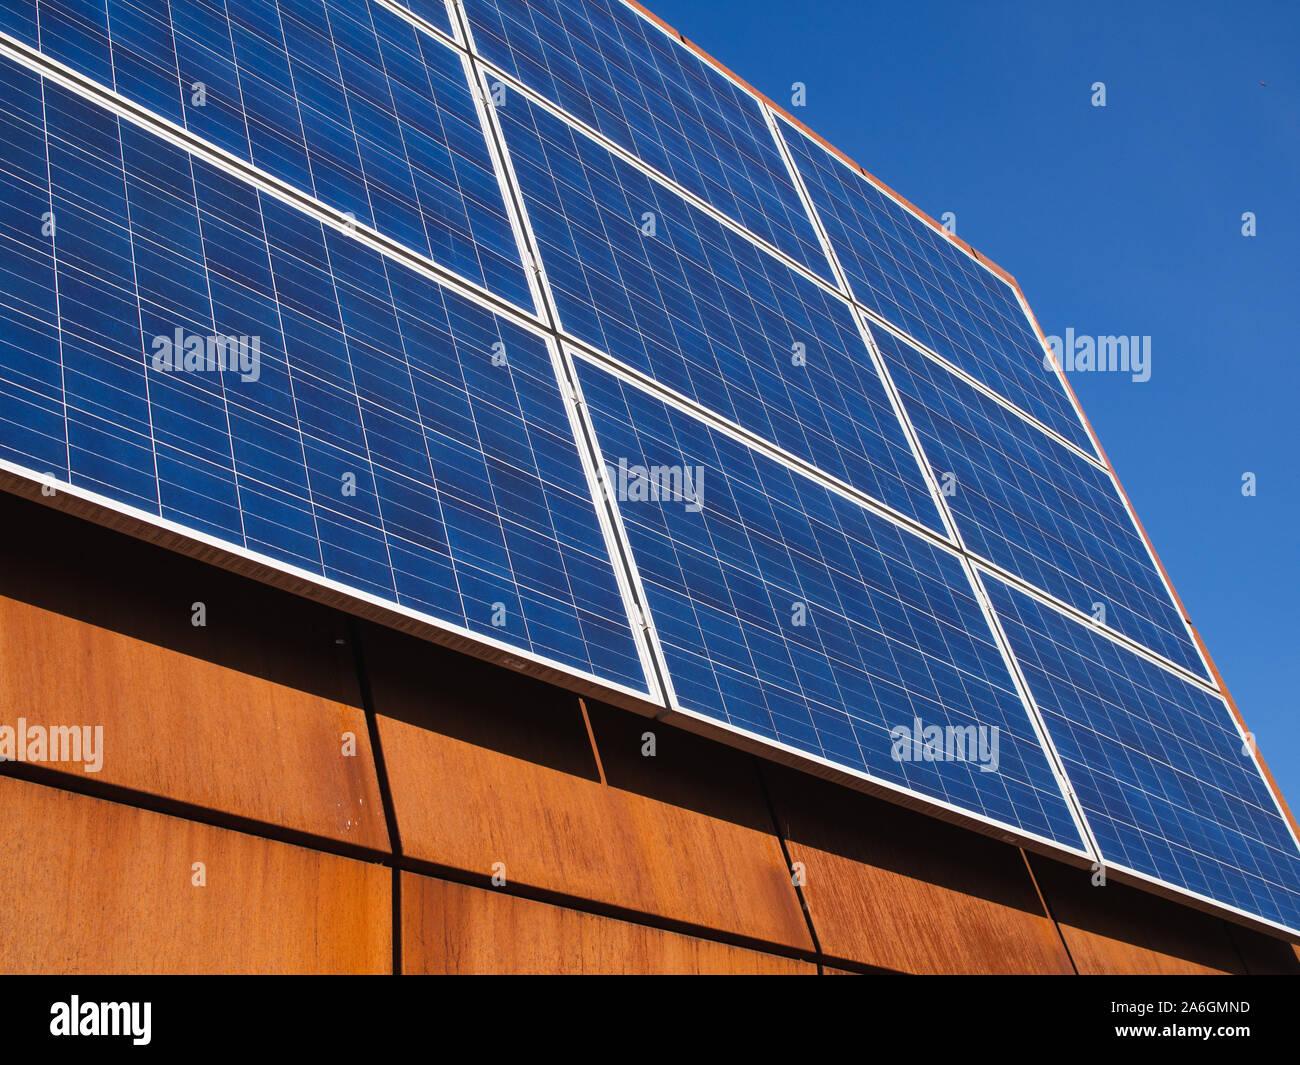 Los paneles solares fotovoltaicos en acero corten el techo de un edificio de la universidad de la ciudad. Foto de stock